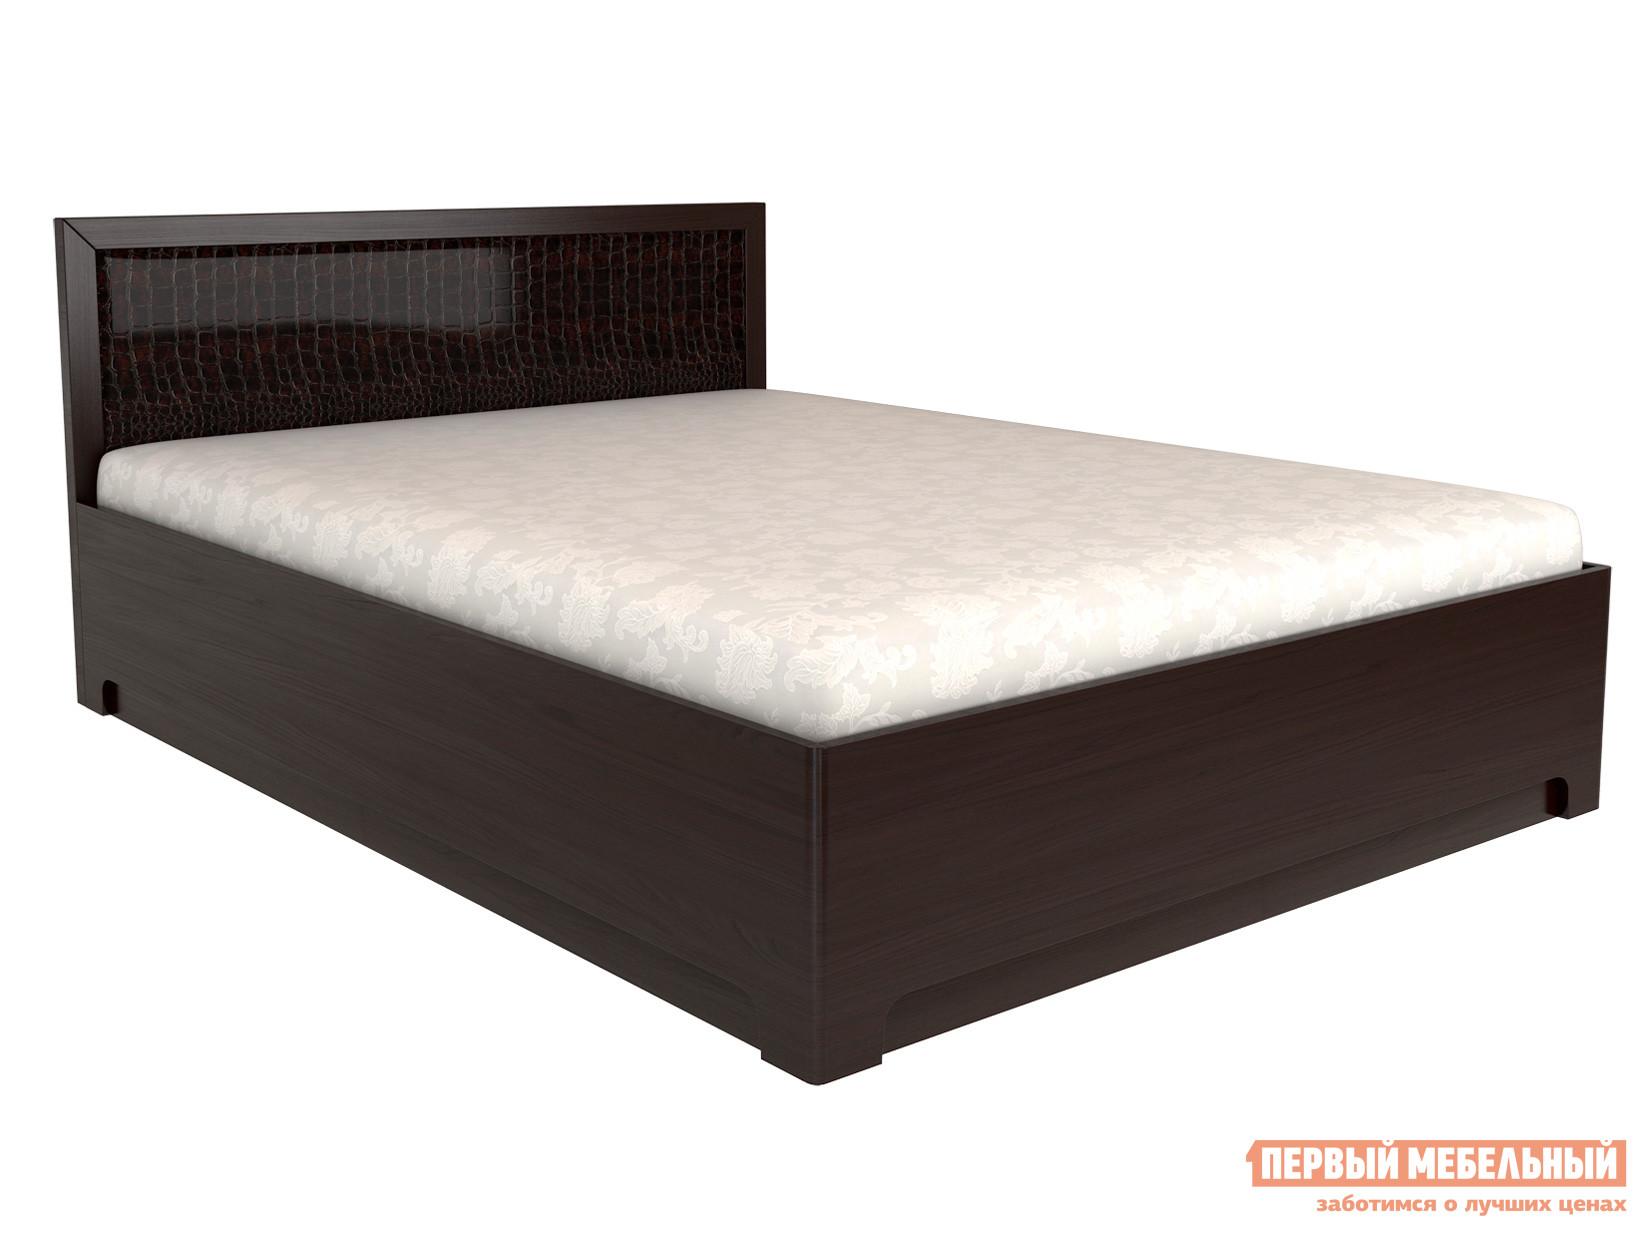 Двуспальная кровать Первый Мебельный Парма 1 ПМ цена